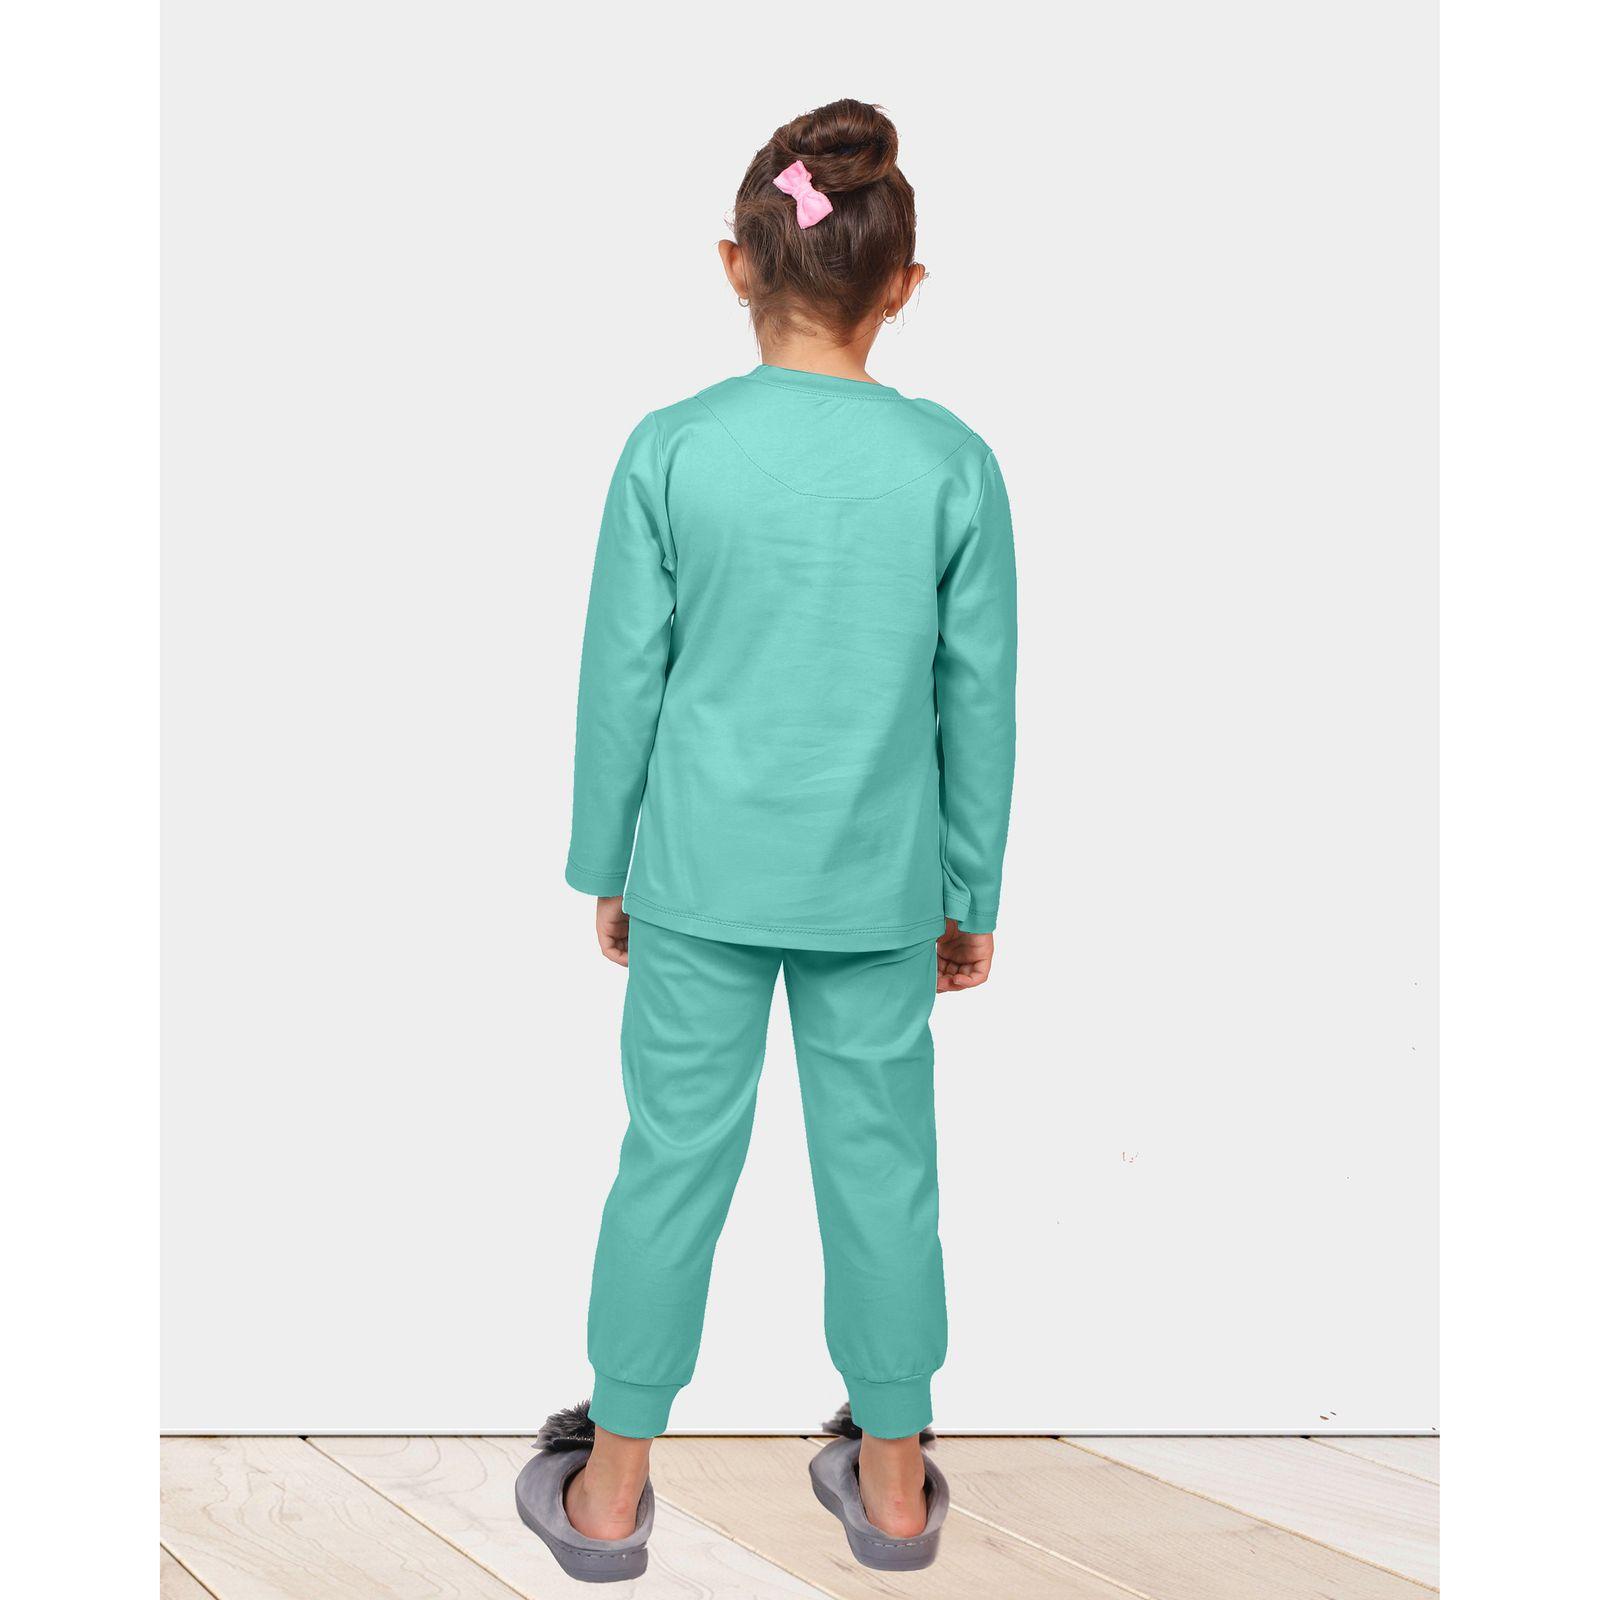 ست تی شرت و شلوار دخترانه مادر مدل 301-54 main 1 10